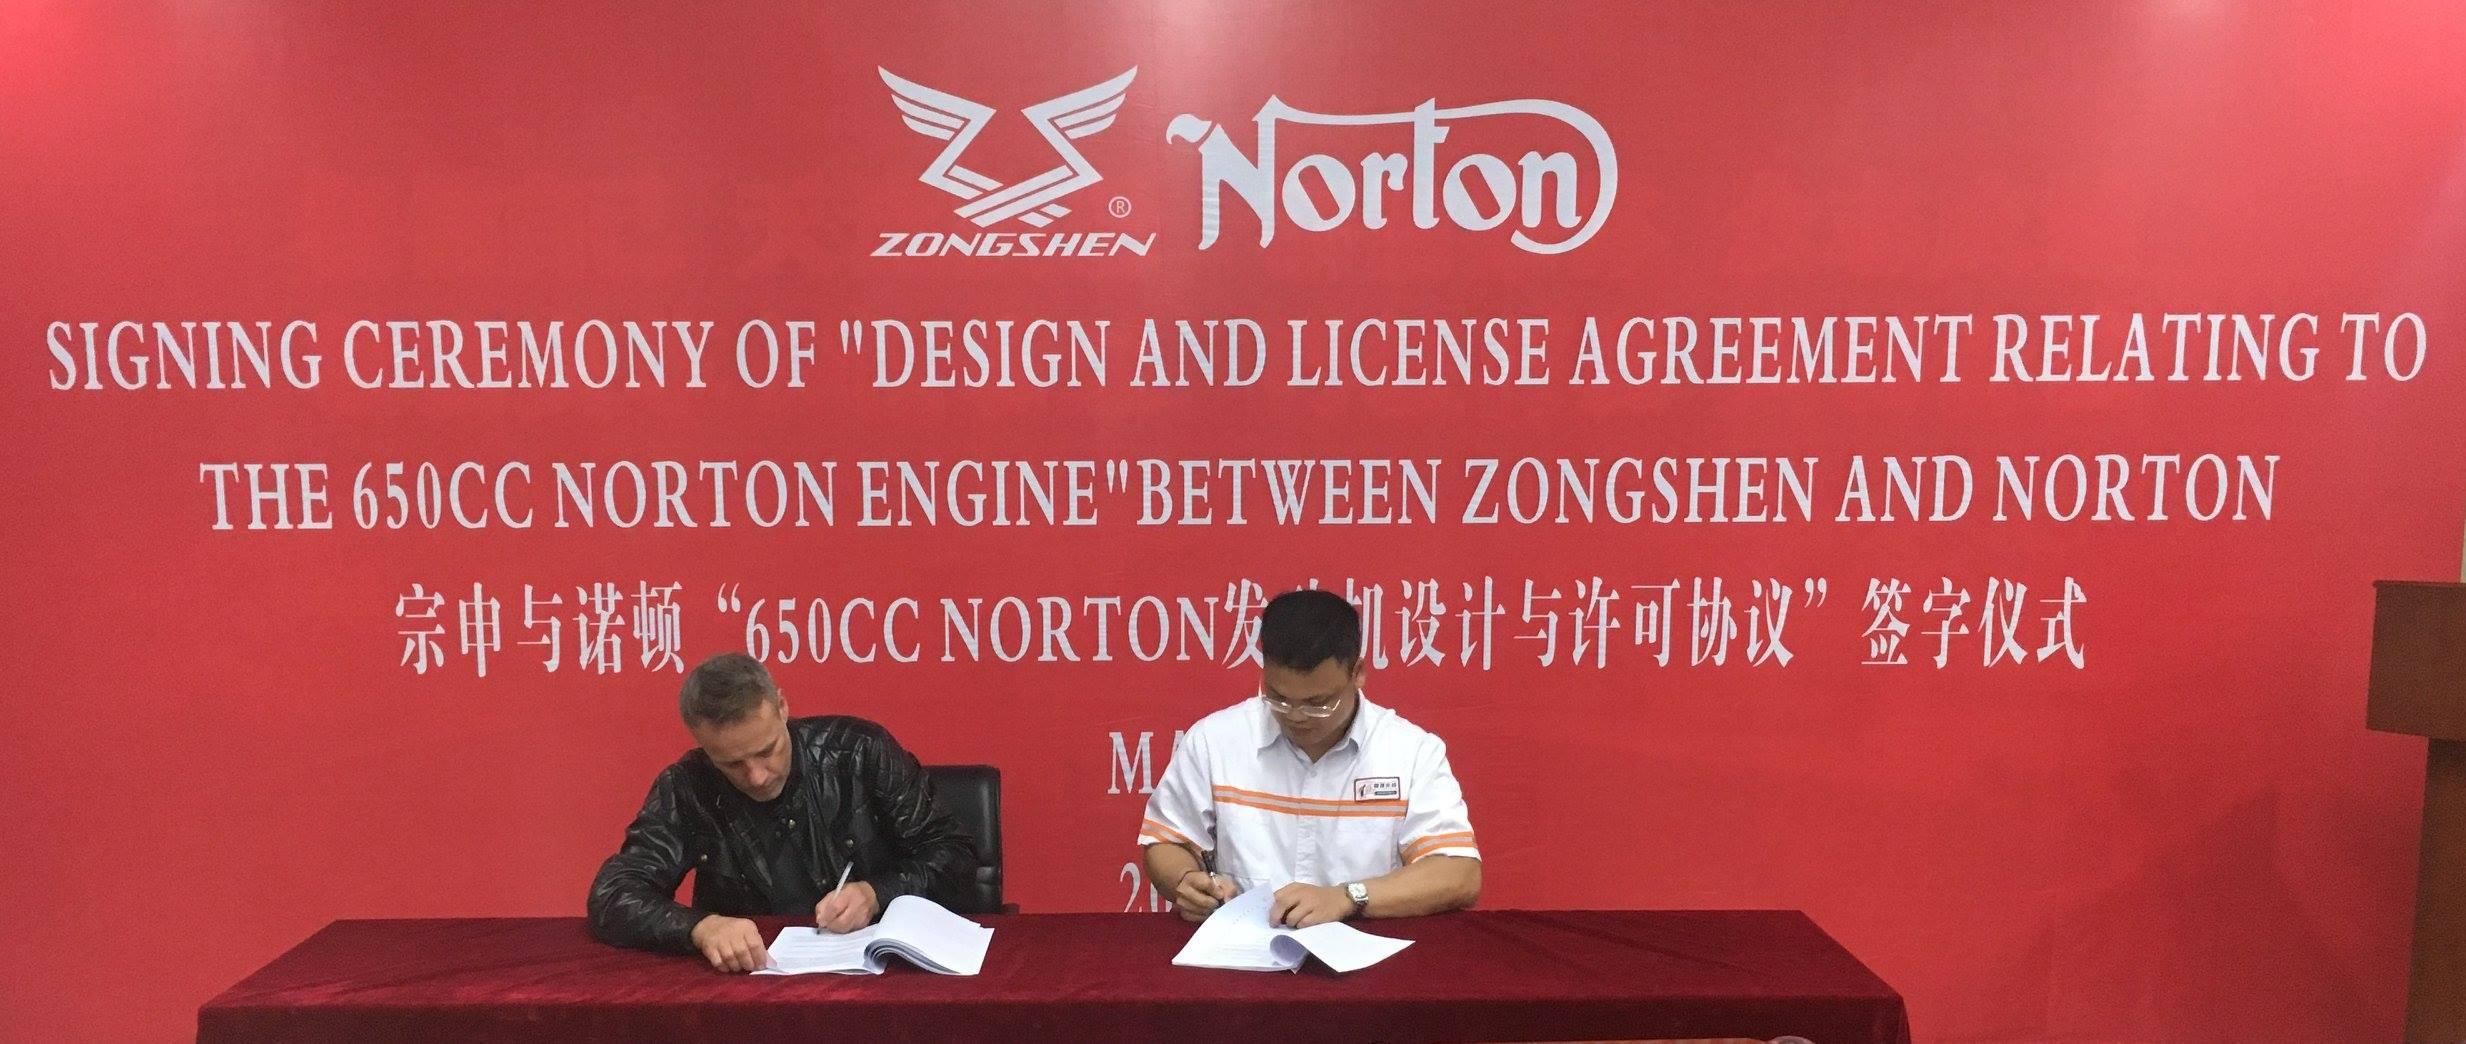 Norton se alía con China para fabricar motores, pero no cómo estás pensando